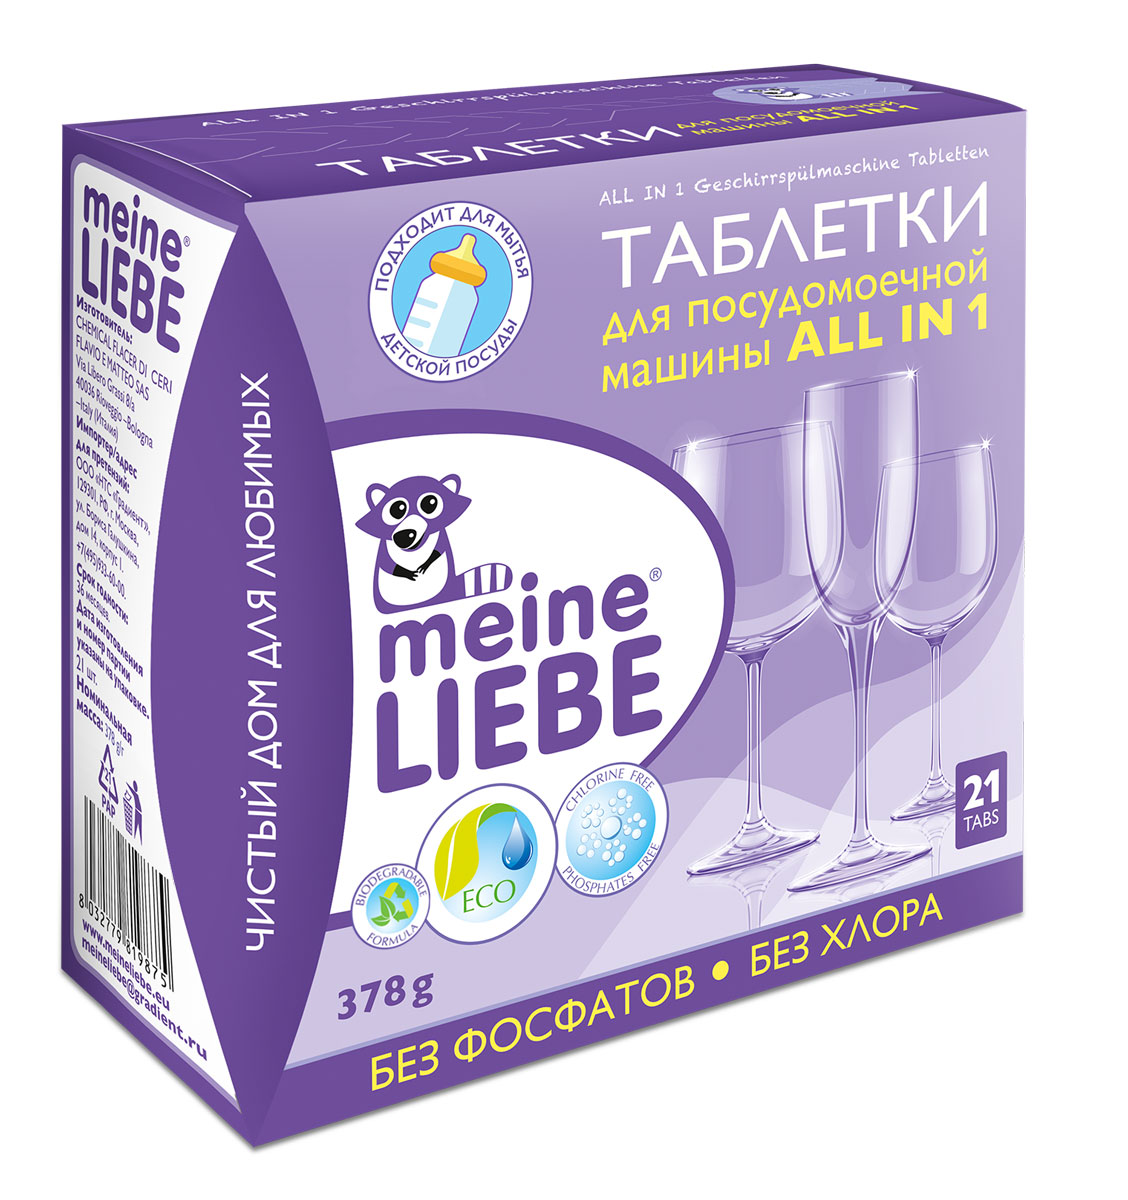 Таблетки для посудомоечной машины Meine Liebe All in 1, 21 штML32208Таблетки для мытья посуды в посудомоечной машине Meine Liebe All in 1 придадут вашей посуде чистоту, блеск, сияние и оставят приятный аромат после мытья. Специальные биологические ферменты и активные вещества на основе кислорода эффективно расщепляют остатки пищи, удаляют стойкие загрязнения. Средство надежно предупреждает образование известкового налета, способствуя более долговечной работе устройства. Обеспечивает деликатный уход и блеск изделиям из стекла и нержавеющей стали, предотвращает помутнение стекла.Не содержит фосфатов, хлора и агрессивных химикатов, обеспечивая бережное мытье посуды. Полностью растворяется в воде и легко выполаскивается. Подходит для коротких программ. Рекомендуемая температура мытья от 45°С до 70°С. Состав: 5-15% отбеливатели на основе кислорода, поликарбоксилаты, Товар сертифицирован.Уважаемые клиенты! Обращаем ваше внимание на то, что упаковка может иметь несколько видов дизайна. Поставка осуществляется в зависимости от наличия на складе.